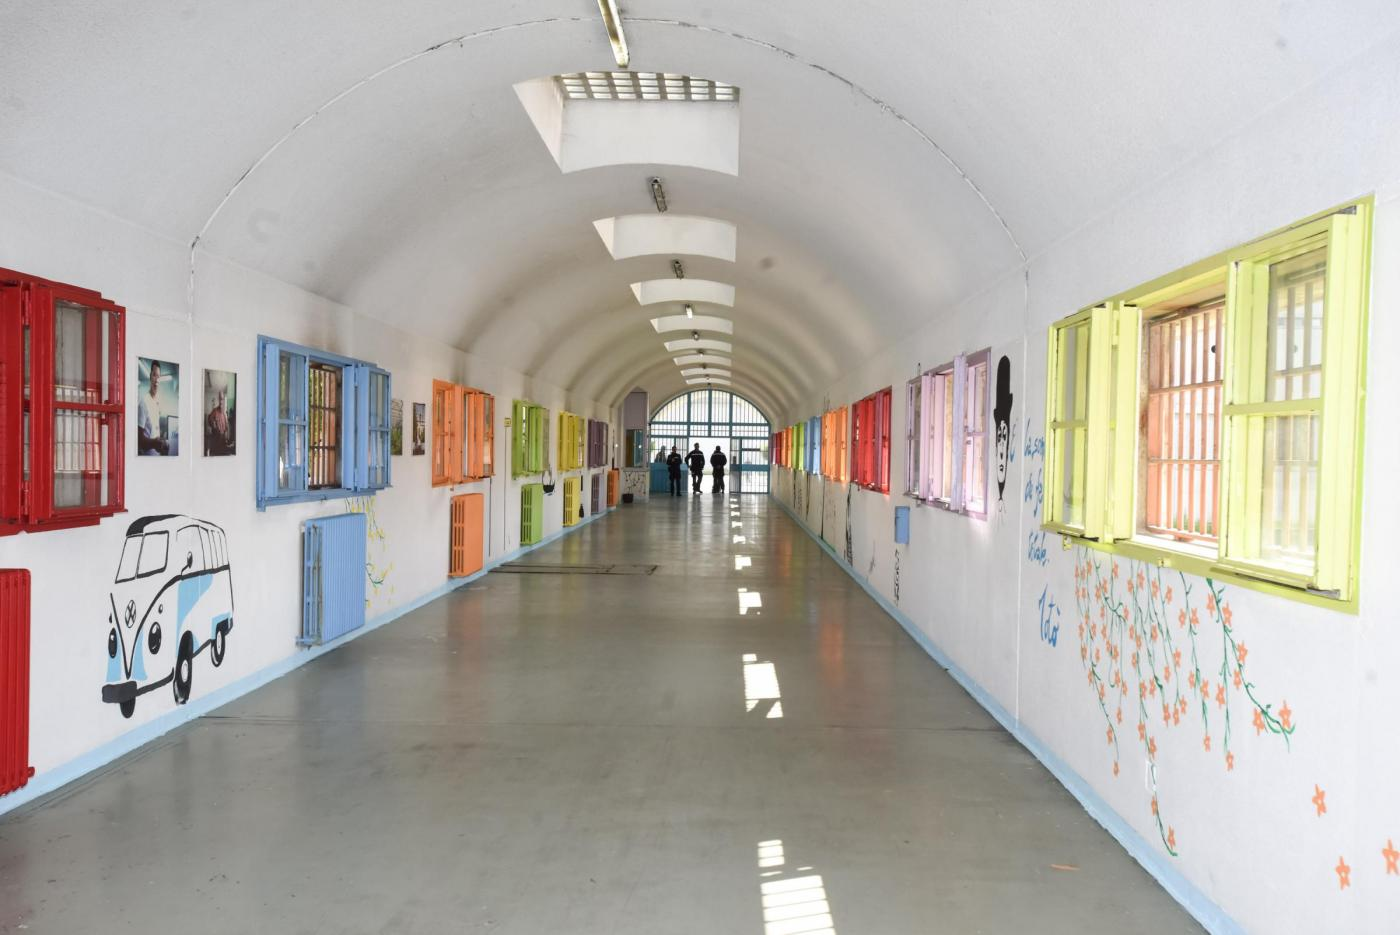 Presentazione dello Sportello lavoro 'Centro per l'impiego' all'interno del carcere di Opera